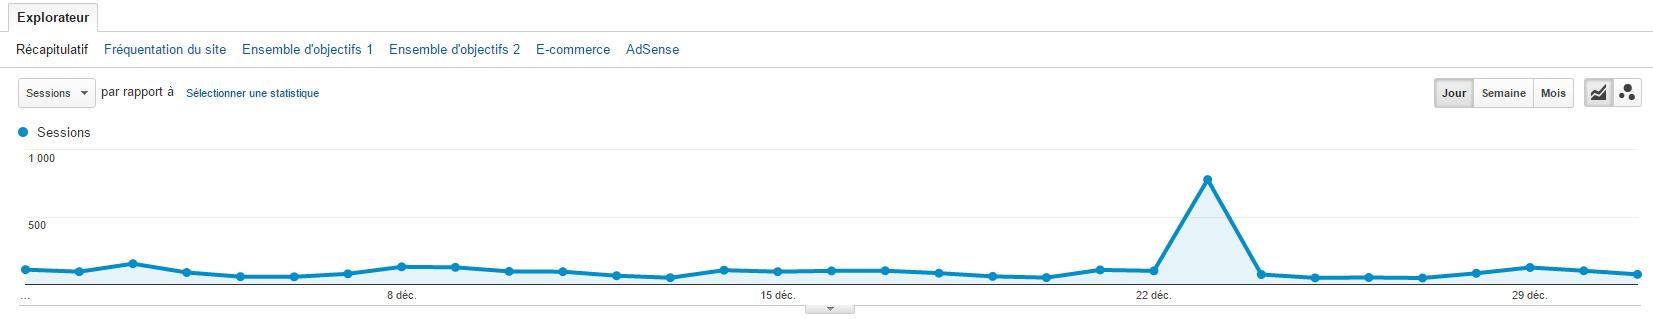 Un pic de trafic inhabituel qui fait penser à du spam